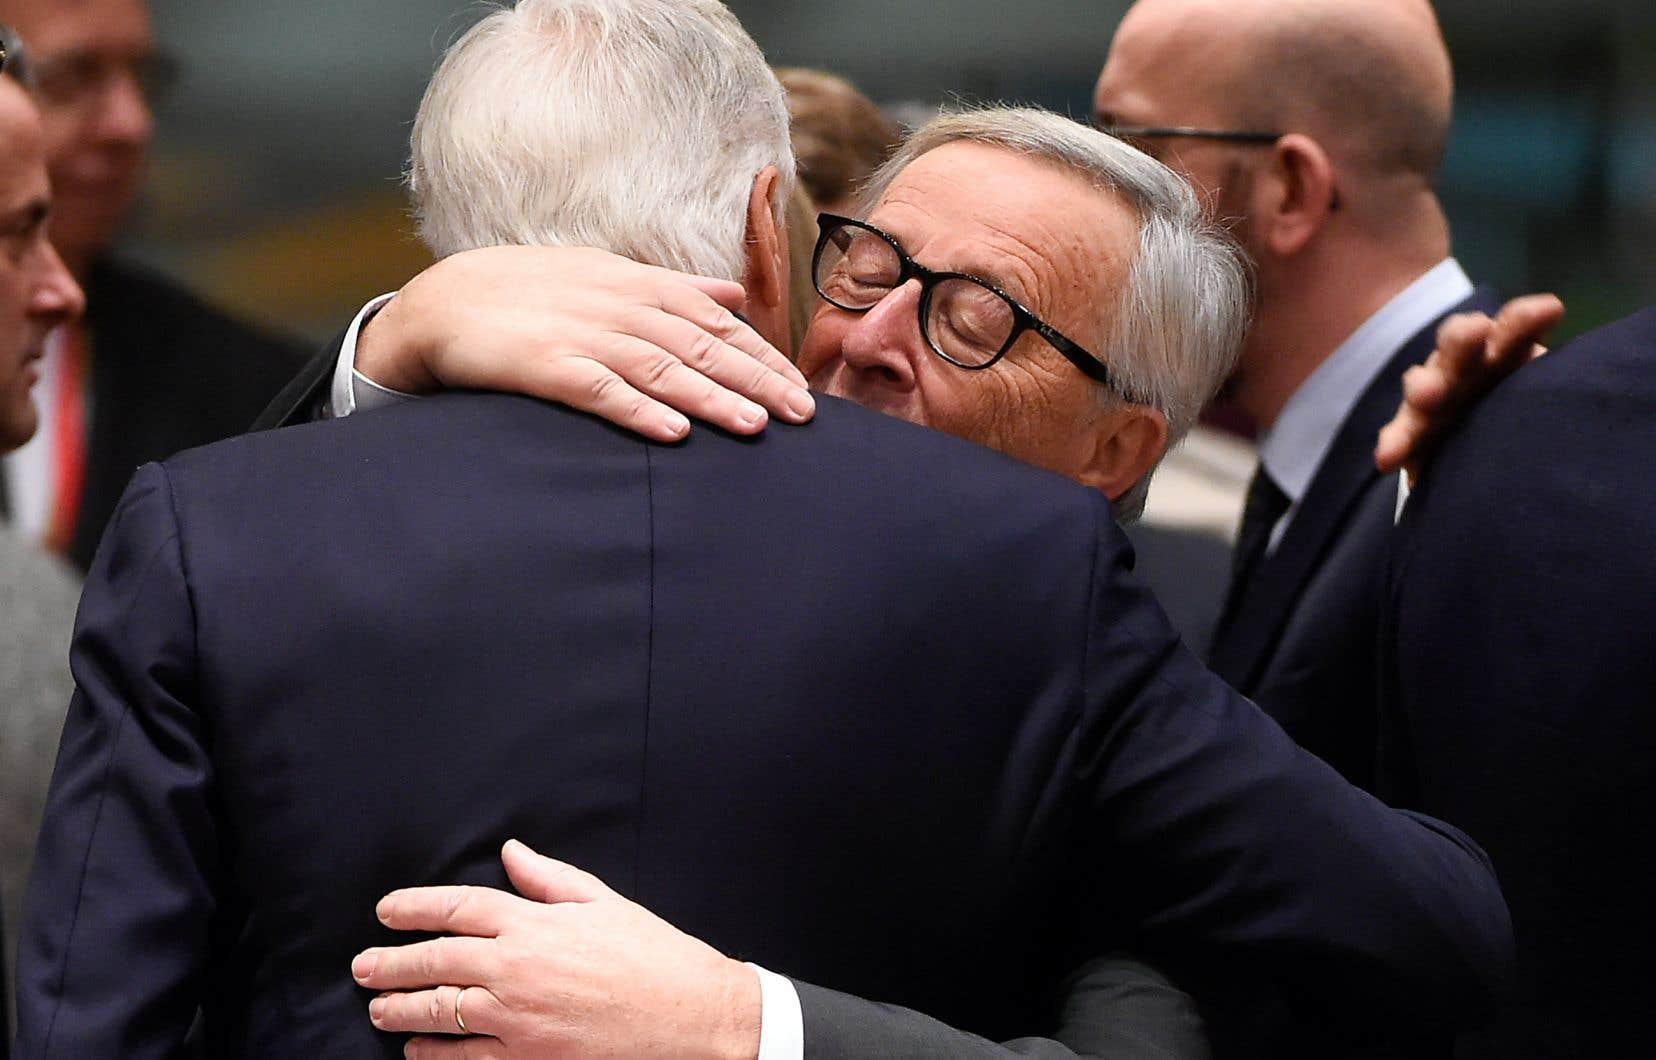 Le président de la Commission européenne, Jean-Claude Juncker (à droite), a serré dans ses bras le négociateur de l'Union européenne dans le dossier du Brexit, Michel Barnier, dimanche, à l'issue d'un mini-sommet à Bruxelles, en Belgique.